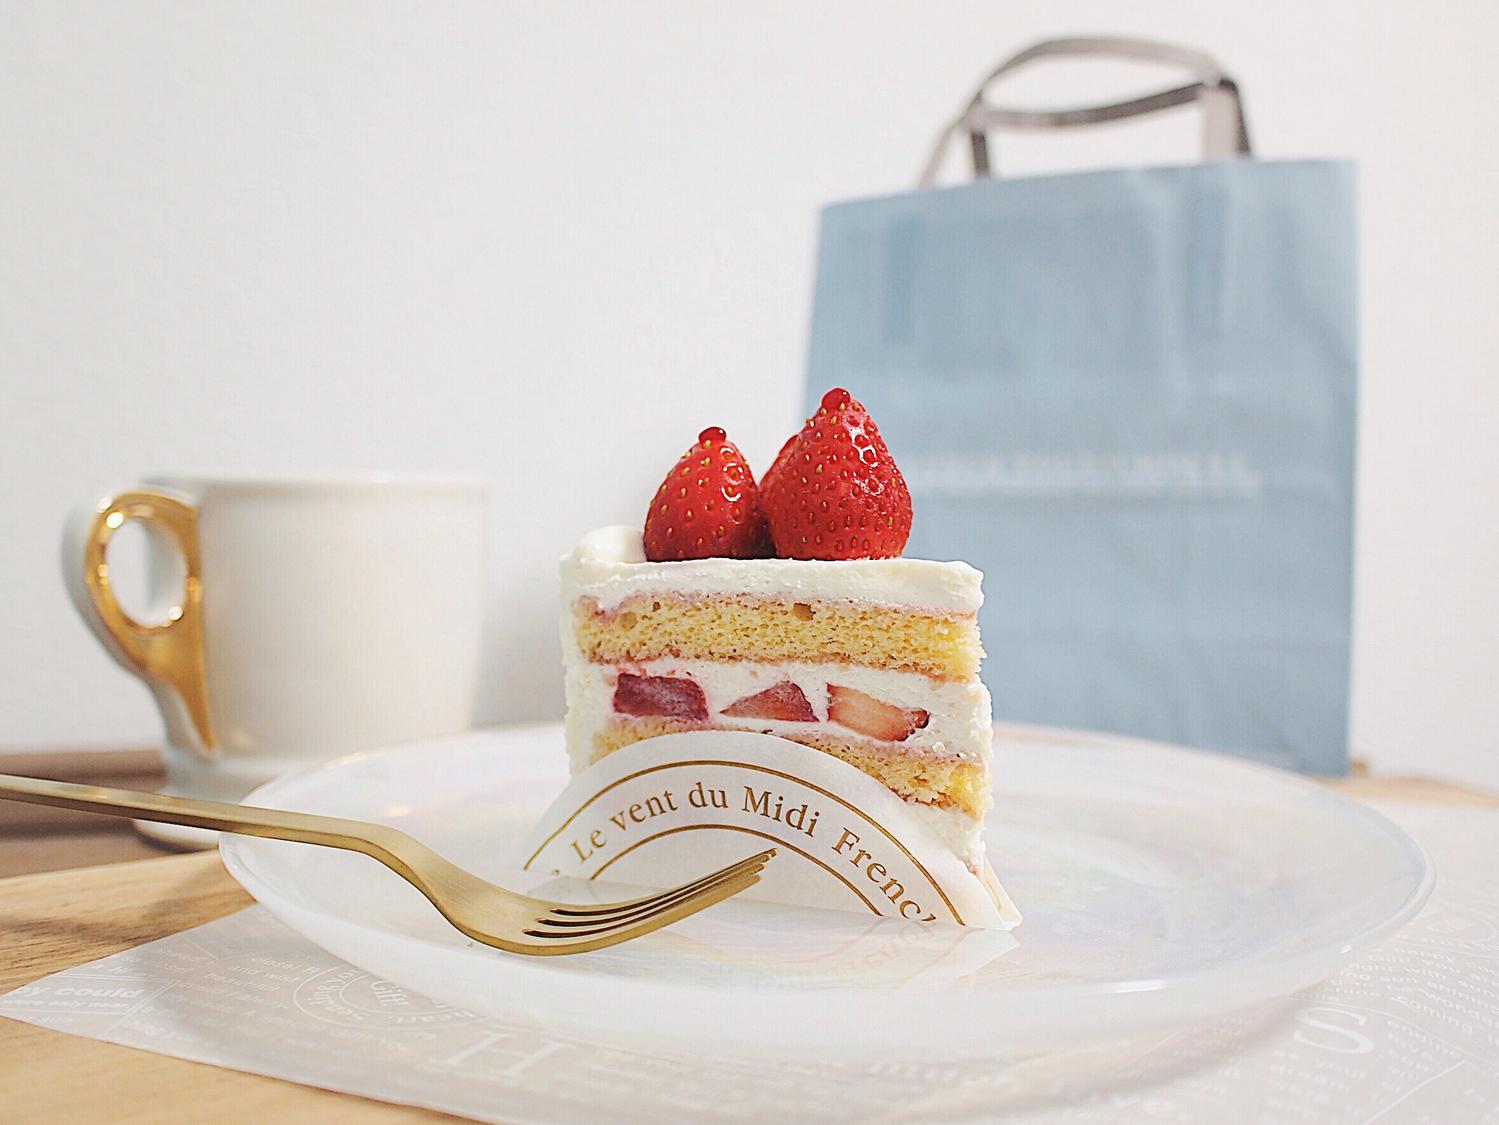 日本一のショートケーキが巣鴨に?